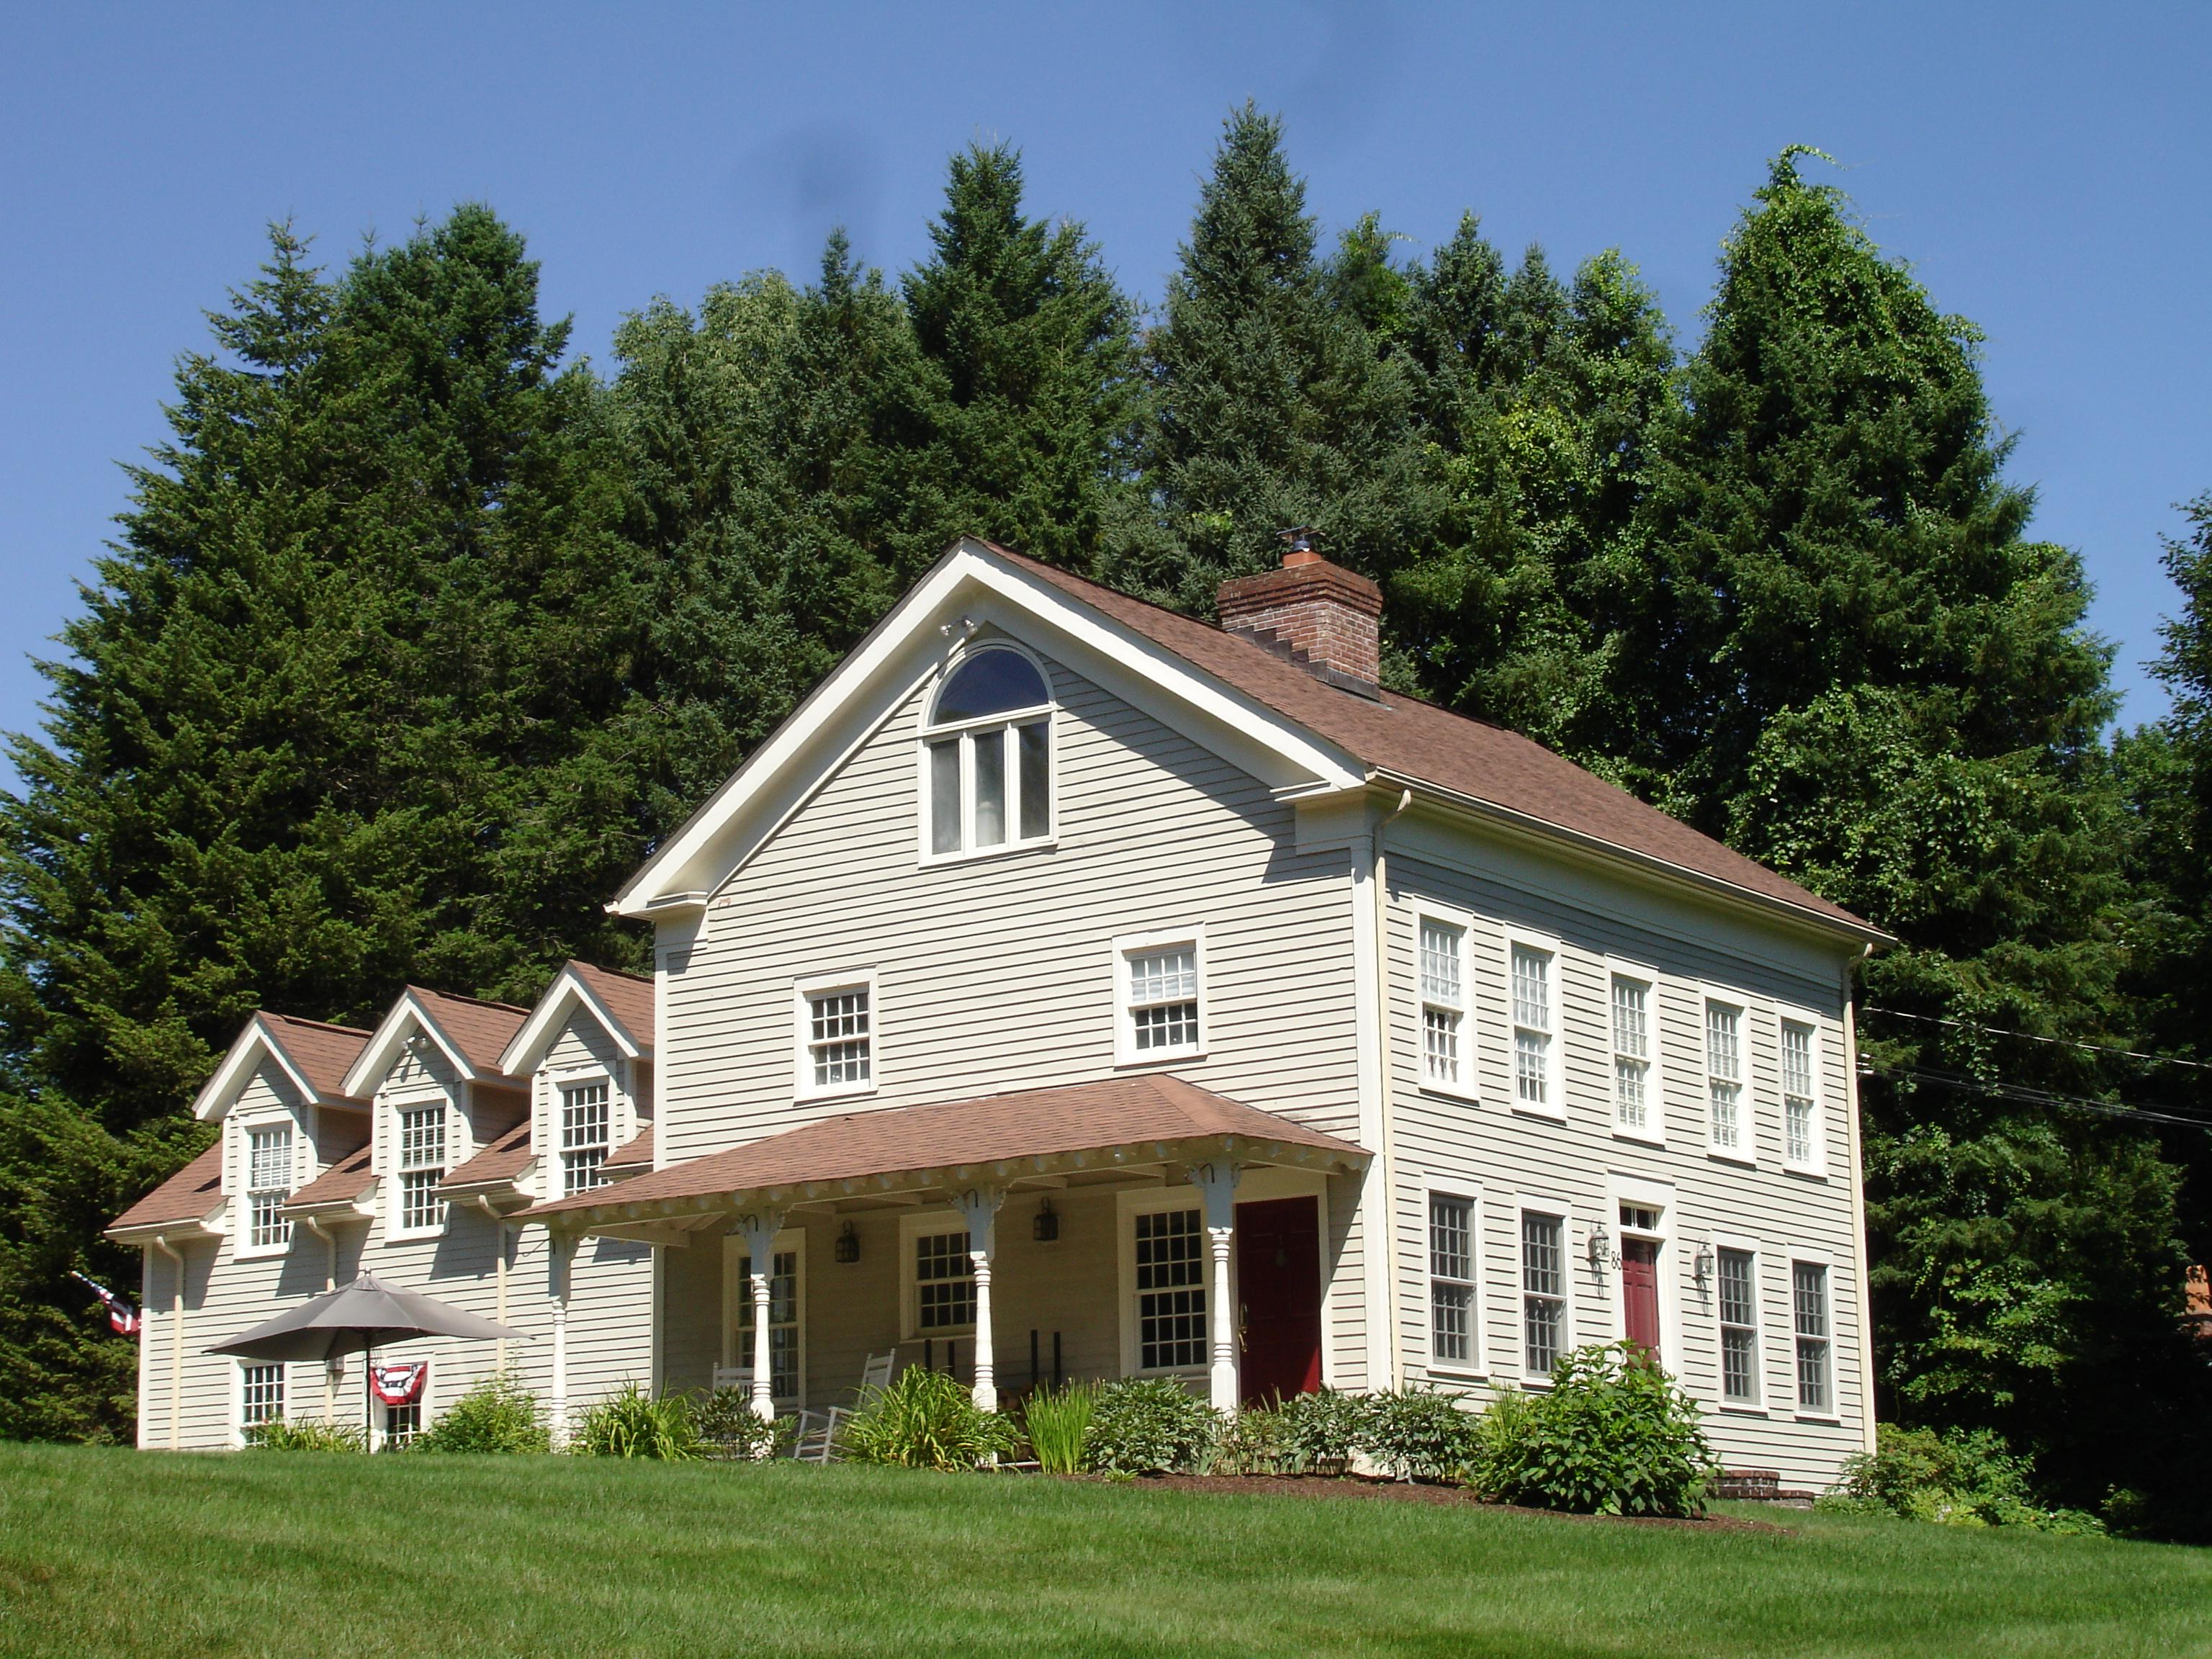 Частный односемейный дом для того Продажа на All The Charm Of Yesteryear 86 Obtuse Road South Brookfield, Коннектикут 06804 Соединенные Штаты